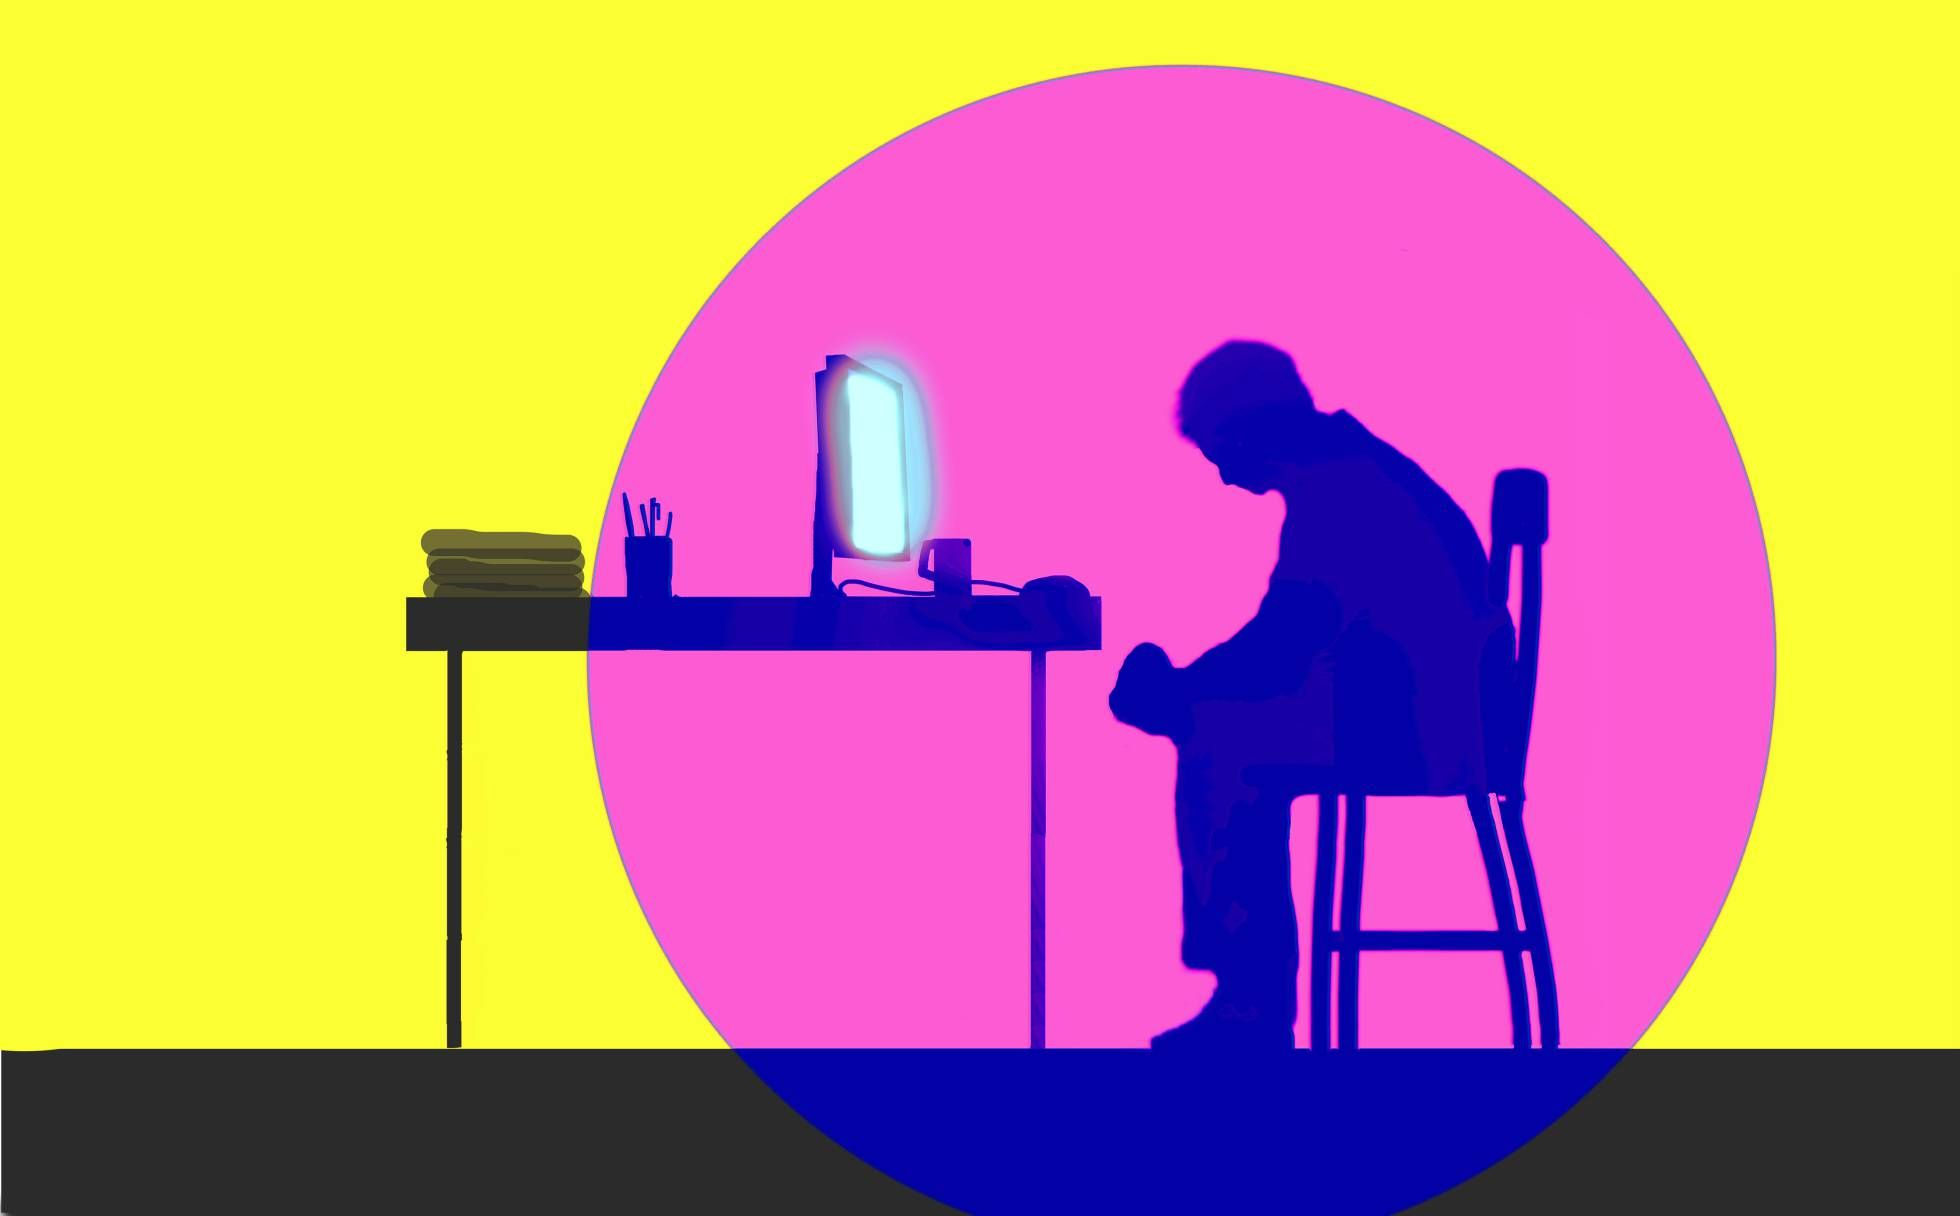 <p>El teletrabajo no era lo que nos hab&iacute;an dicho: c&oacute;mo hemos llegado a vivir sin desconectar nunca</p>